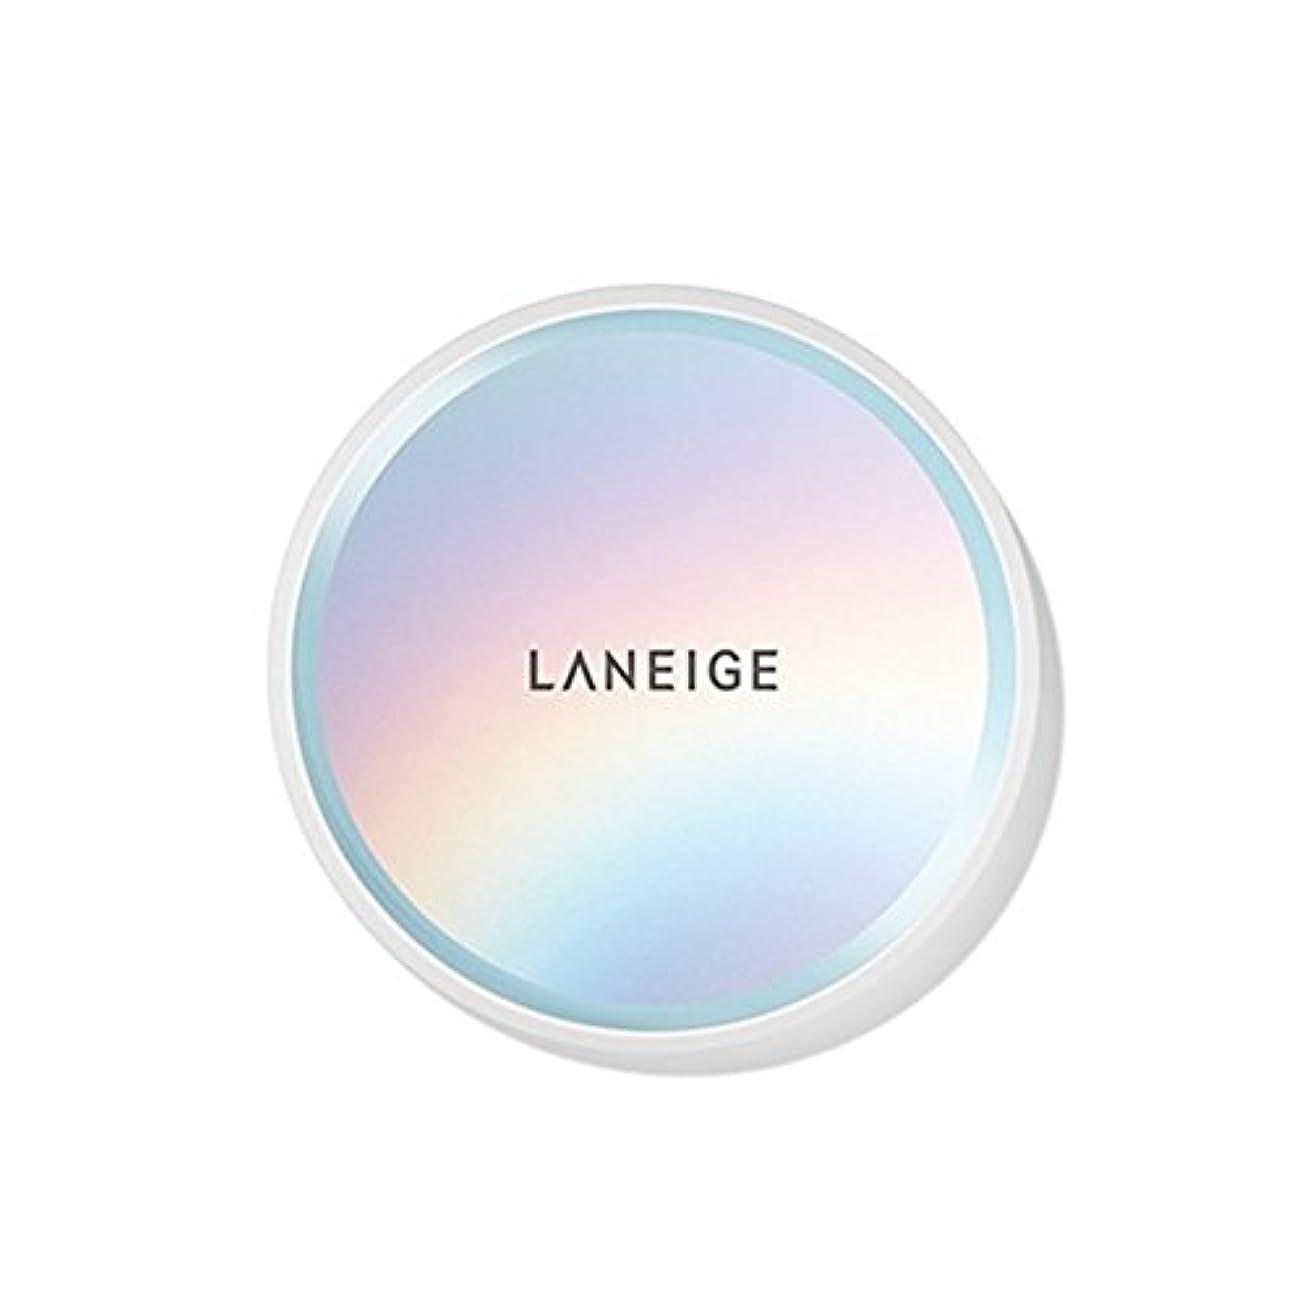 アクションにやにや専門用語【ラネージュ】 LANEIGE BB Cushion Pore Control BBクッションポアコントロール 【韓国直送品】 OOPSPANDA (4.No. 23 Sand)